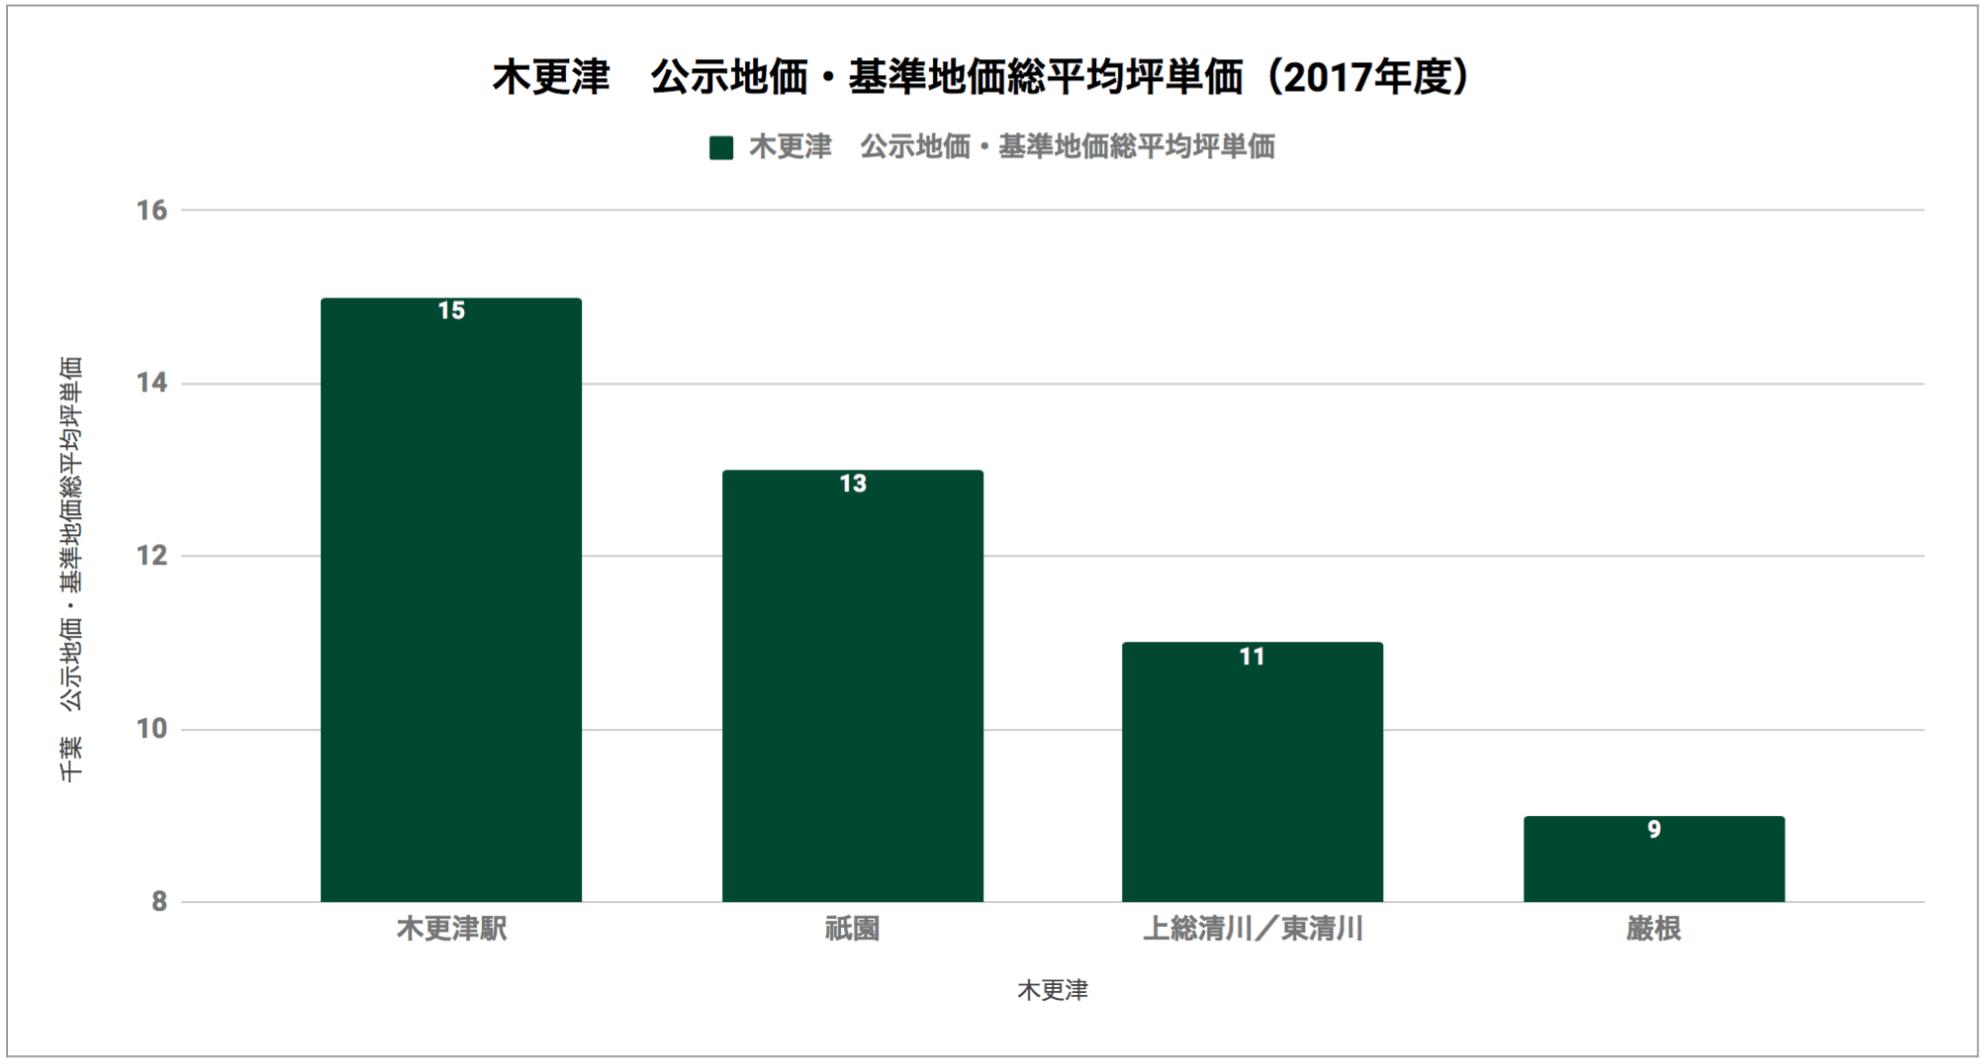 木更津「公示地価・基準地価総平均坪単価(2017年度)」